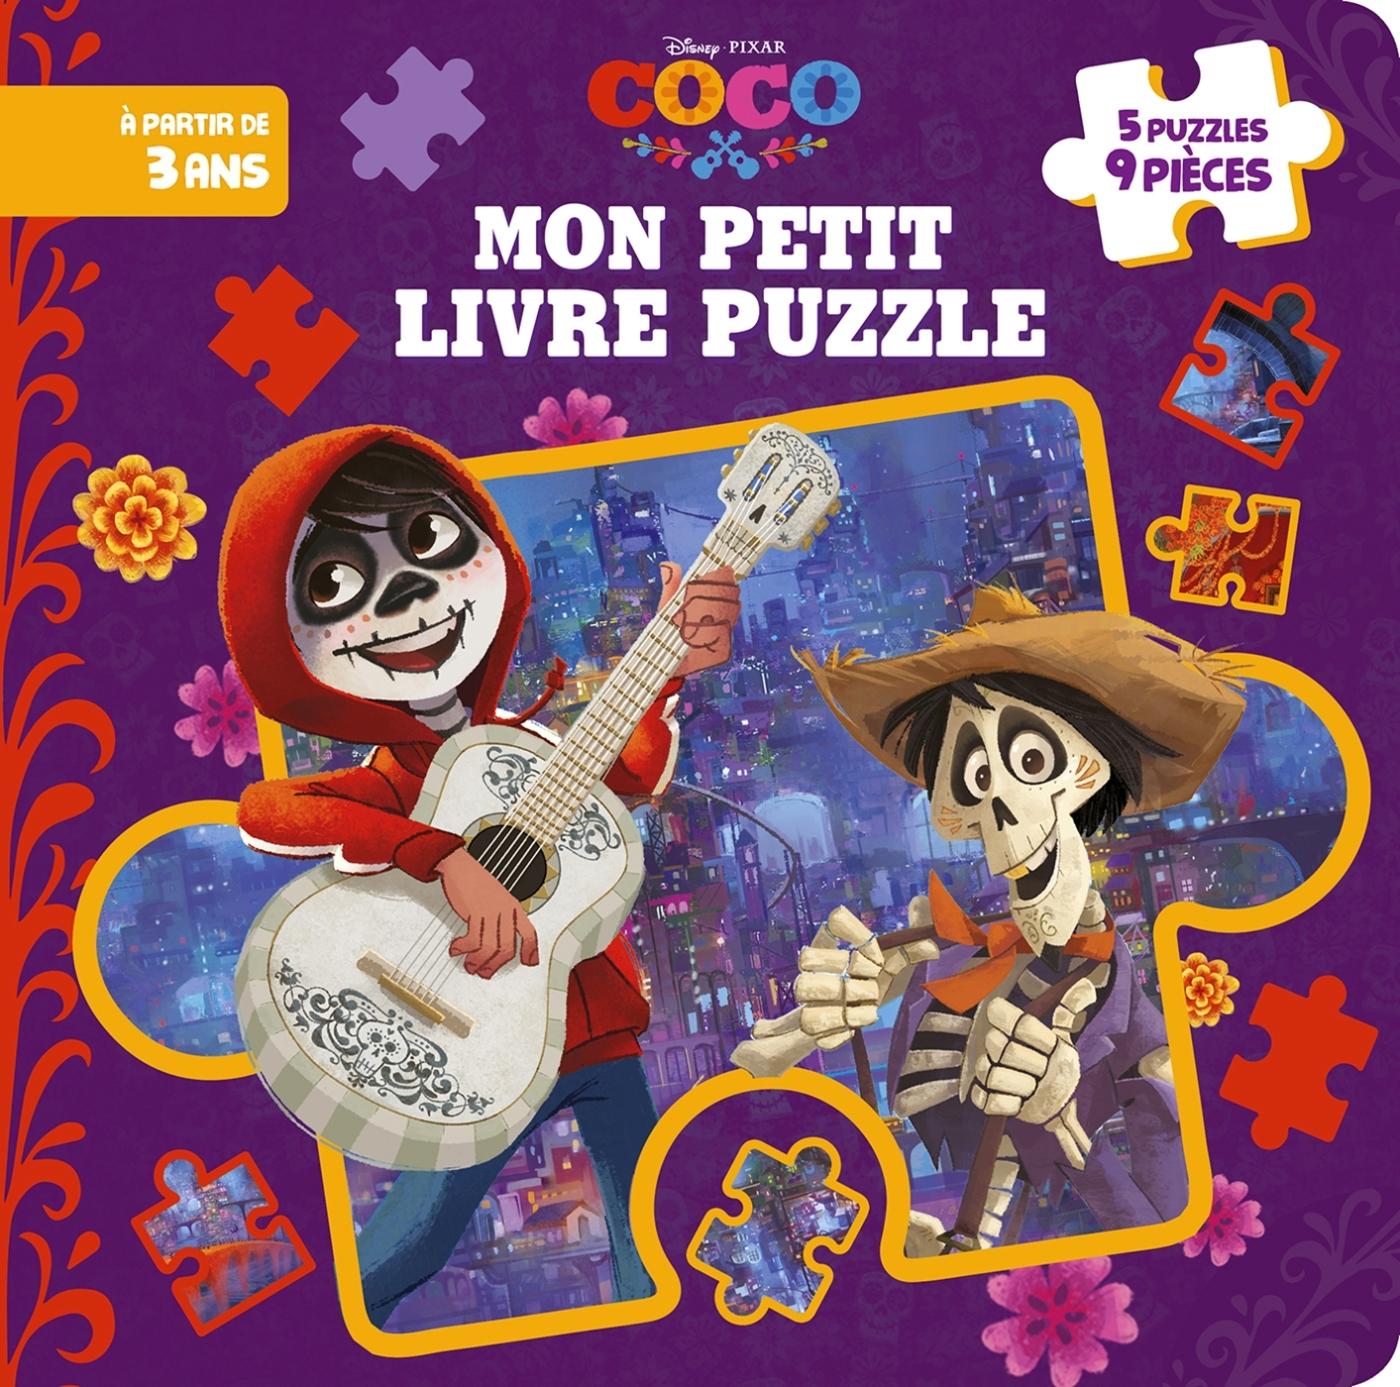 COCO - MON PETIT LIVRE PUZZLE 9 PIECES